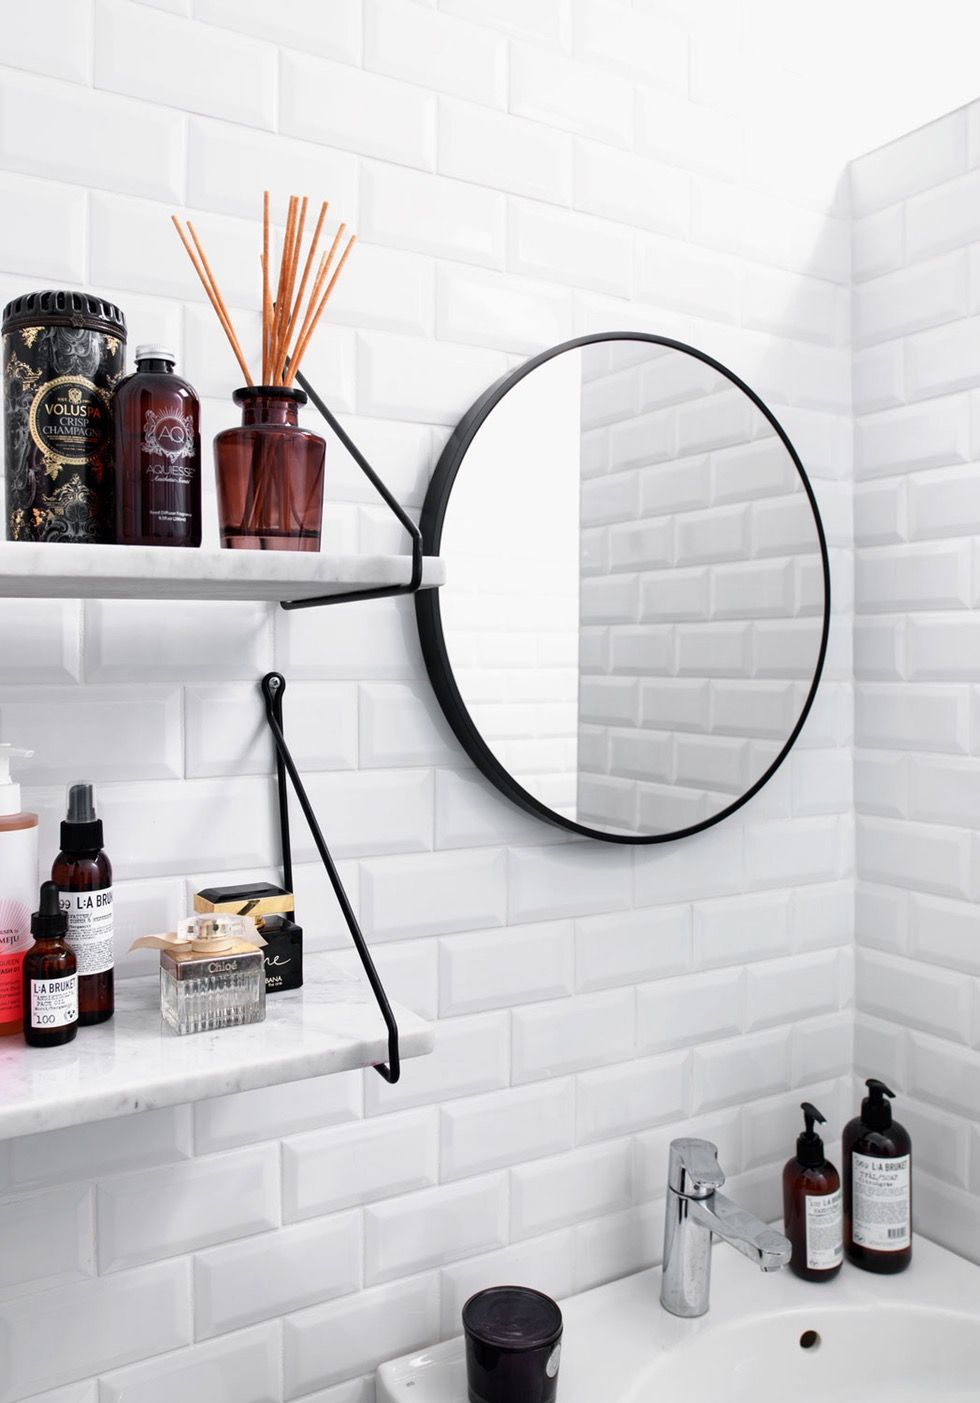 Piastrelle bianche diamantate per un bagno super luminoso - Piastrelle diamantate bagno ...